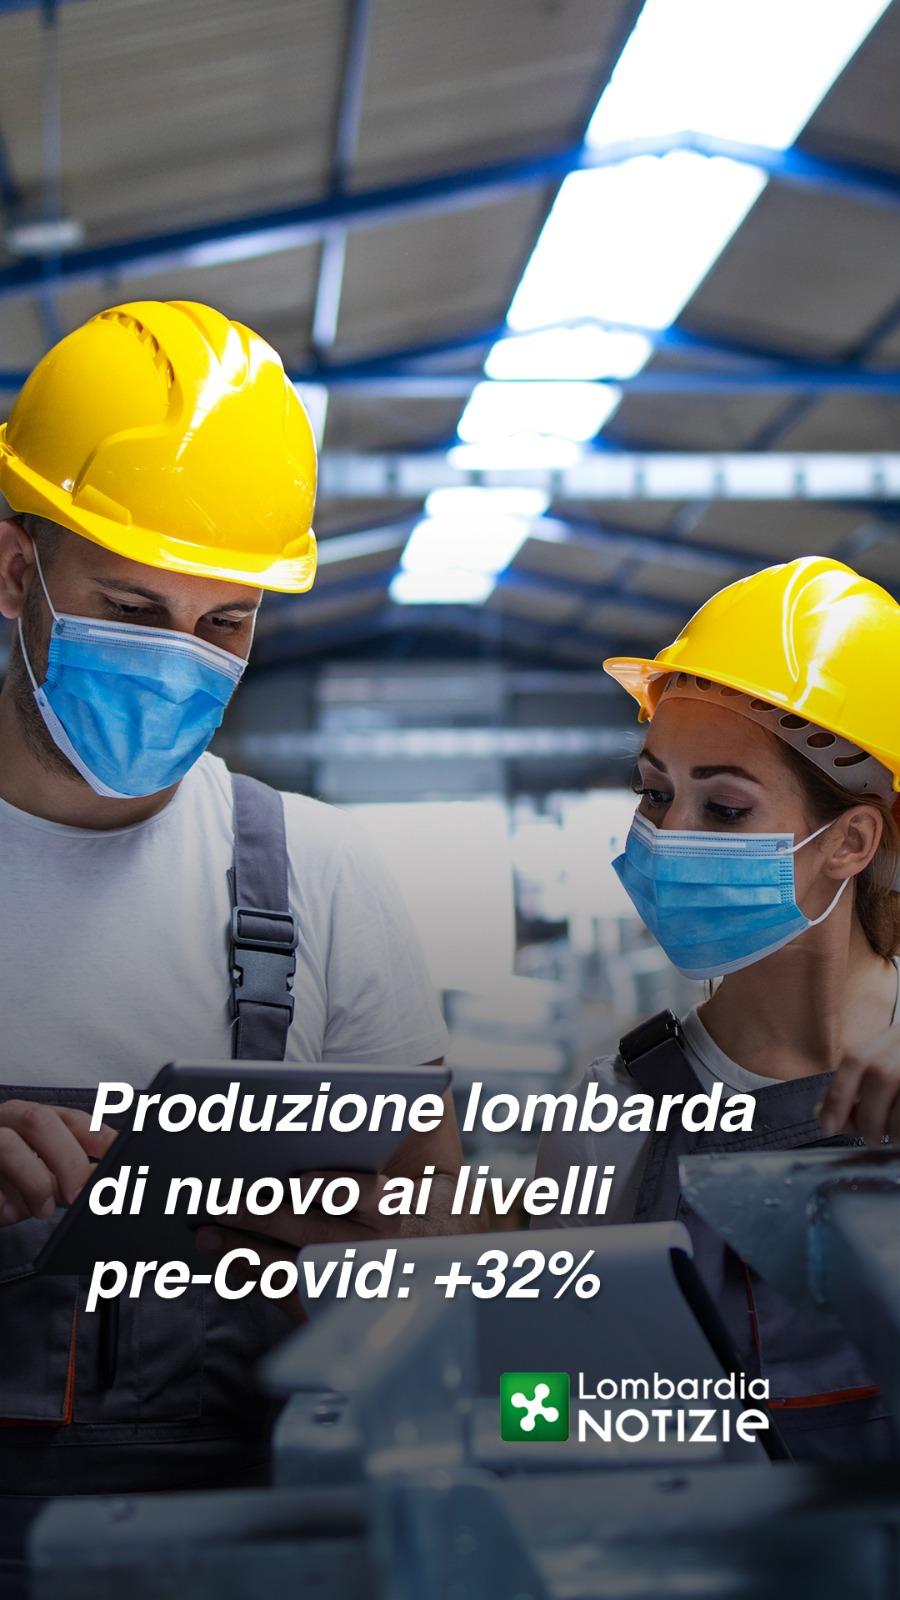 Produzione lombarda di nuovo ai livelli pre-Covid: +32%